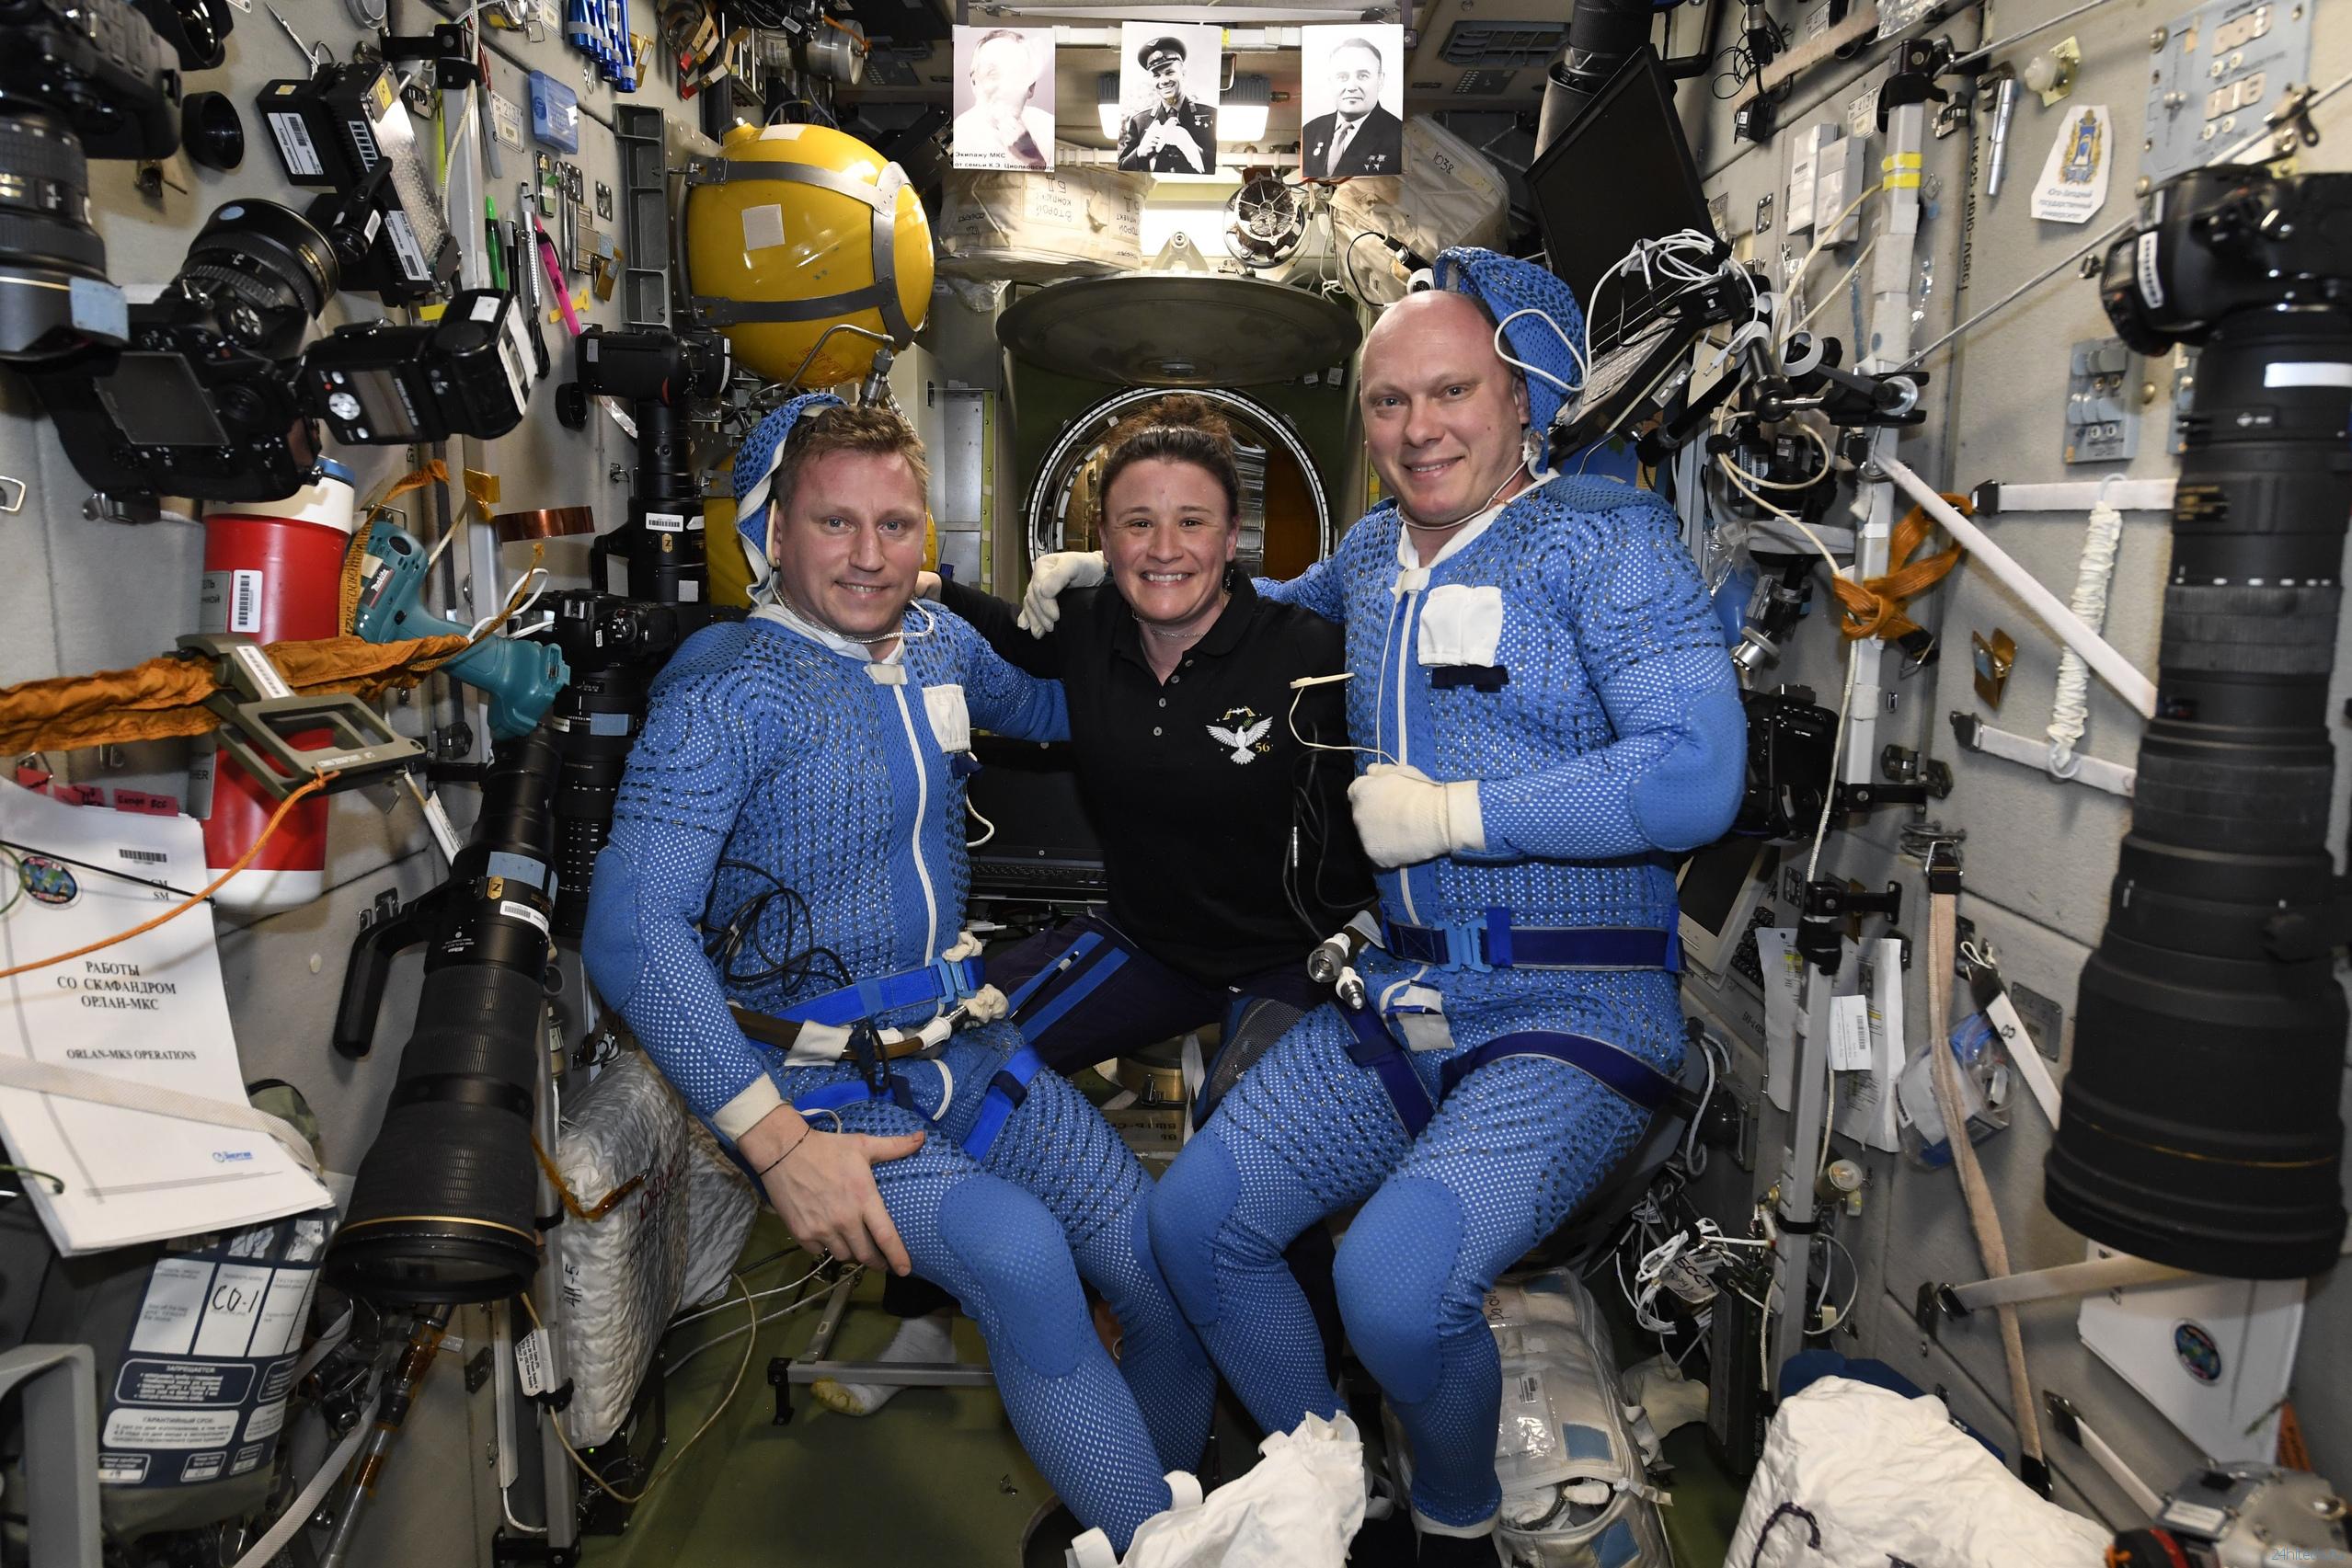 другие космонавты в картинках послала жалобу парня